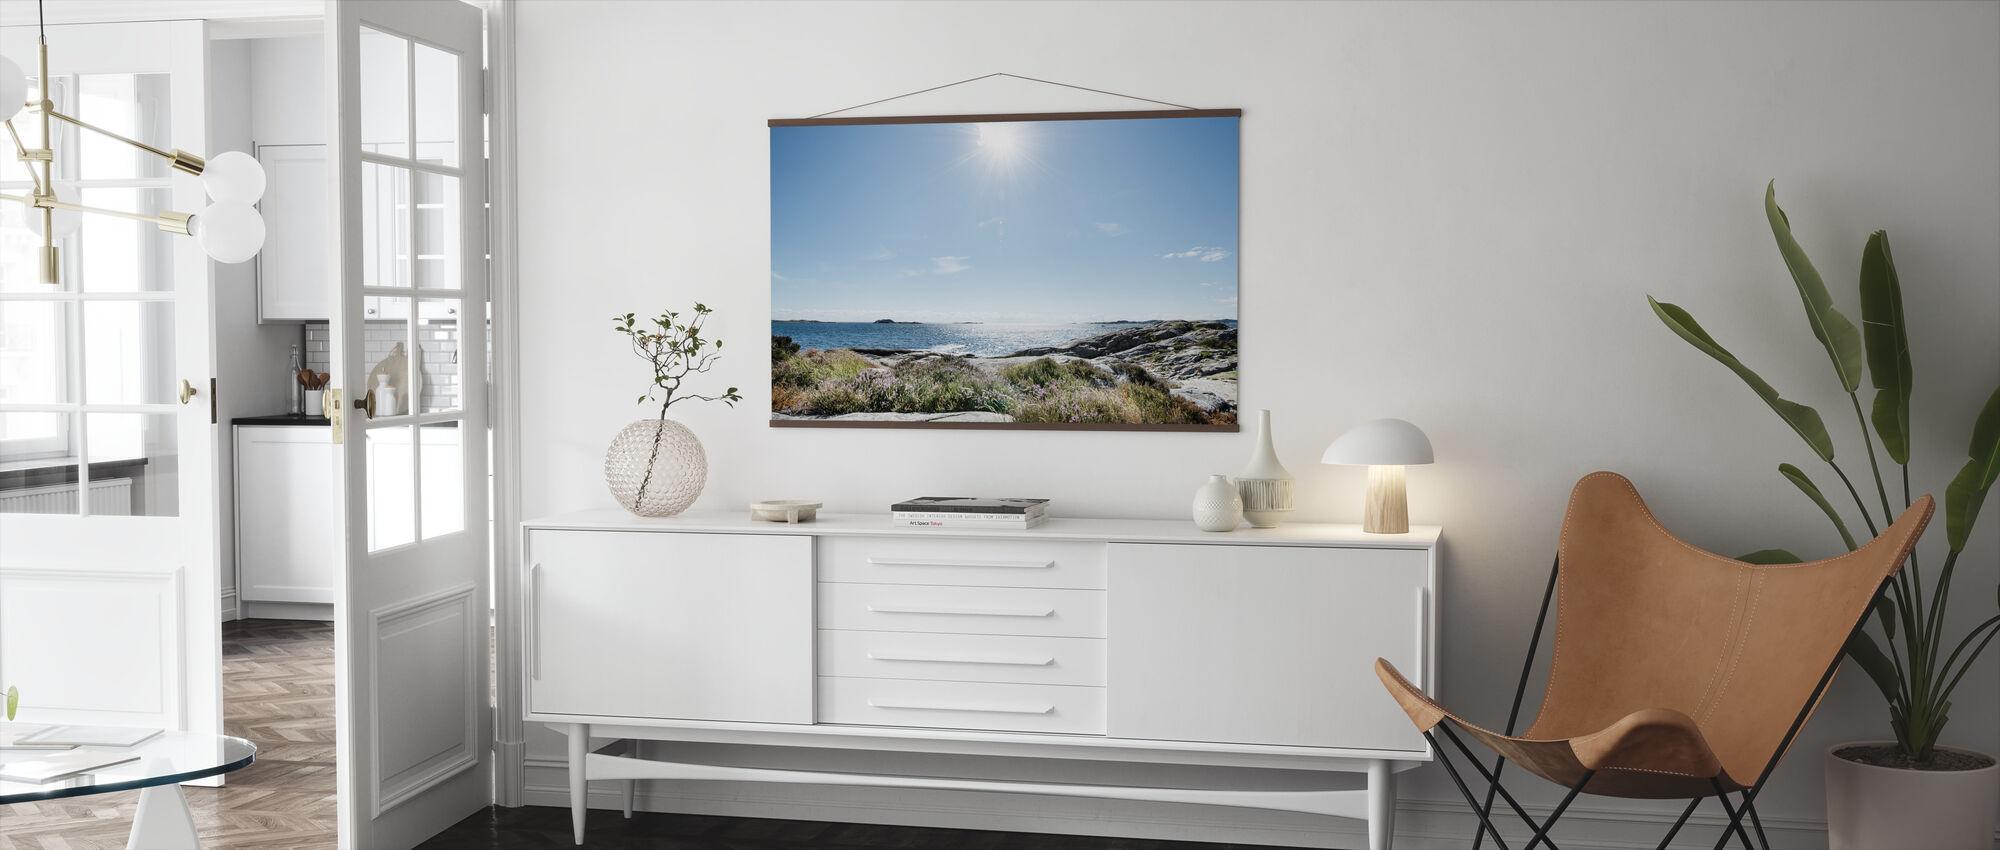 Meri kirkkaassa auringonvalossa, Etelä-Norja - Juliste - Olohuone